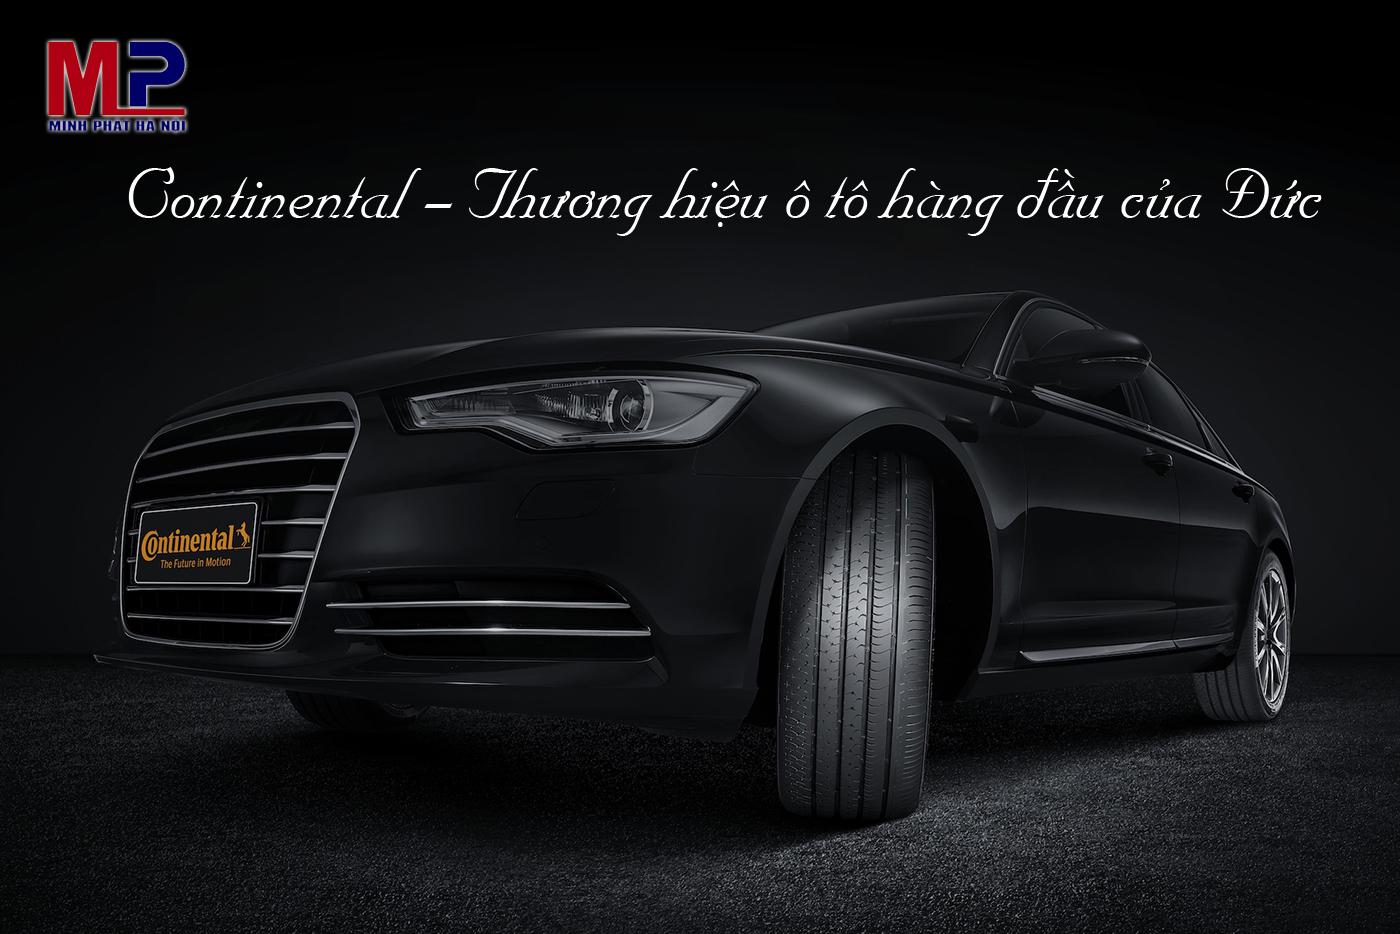 Continental - Thương hiệu ô tô hàng đầu của Đức